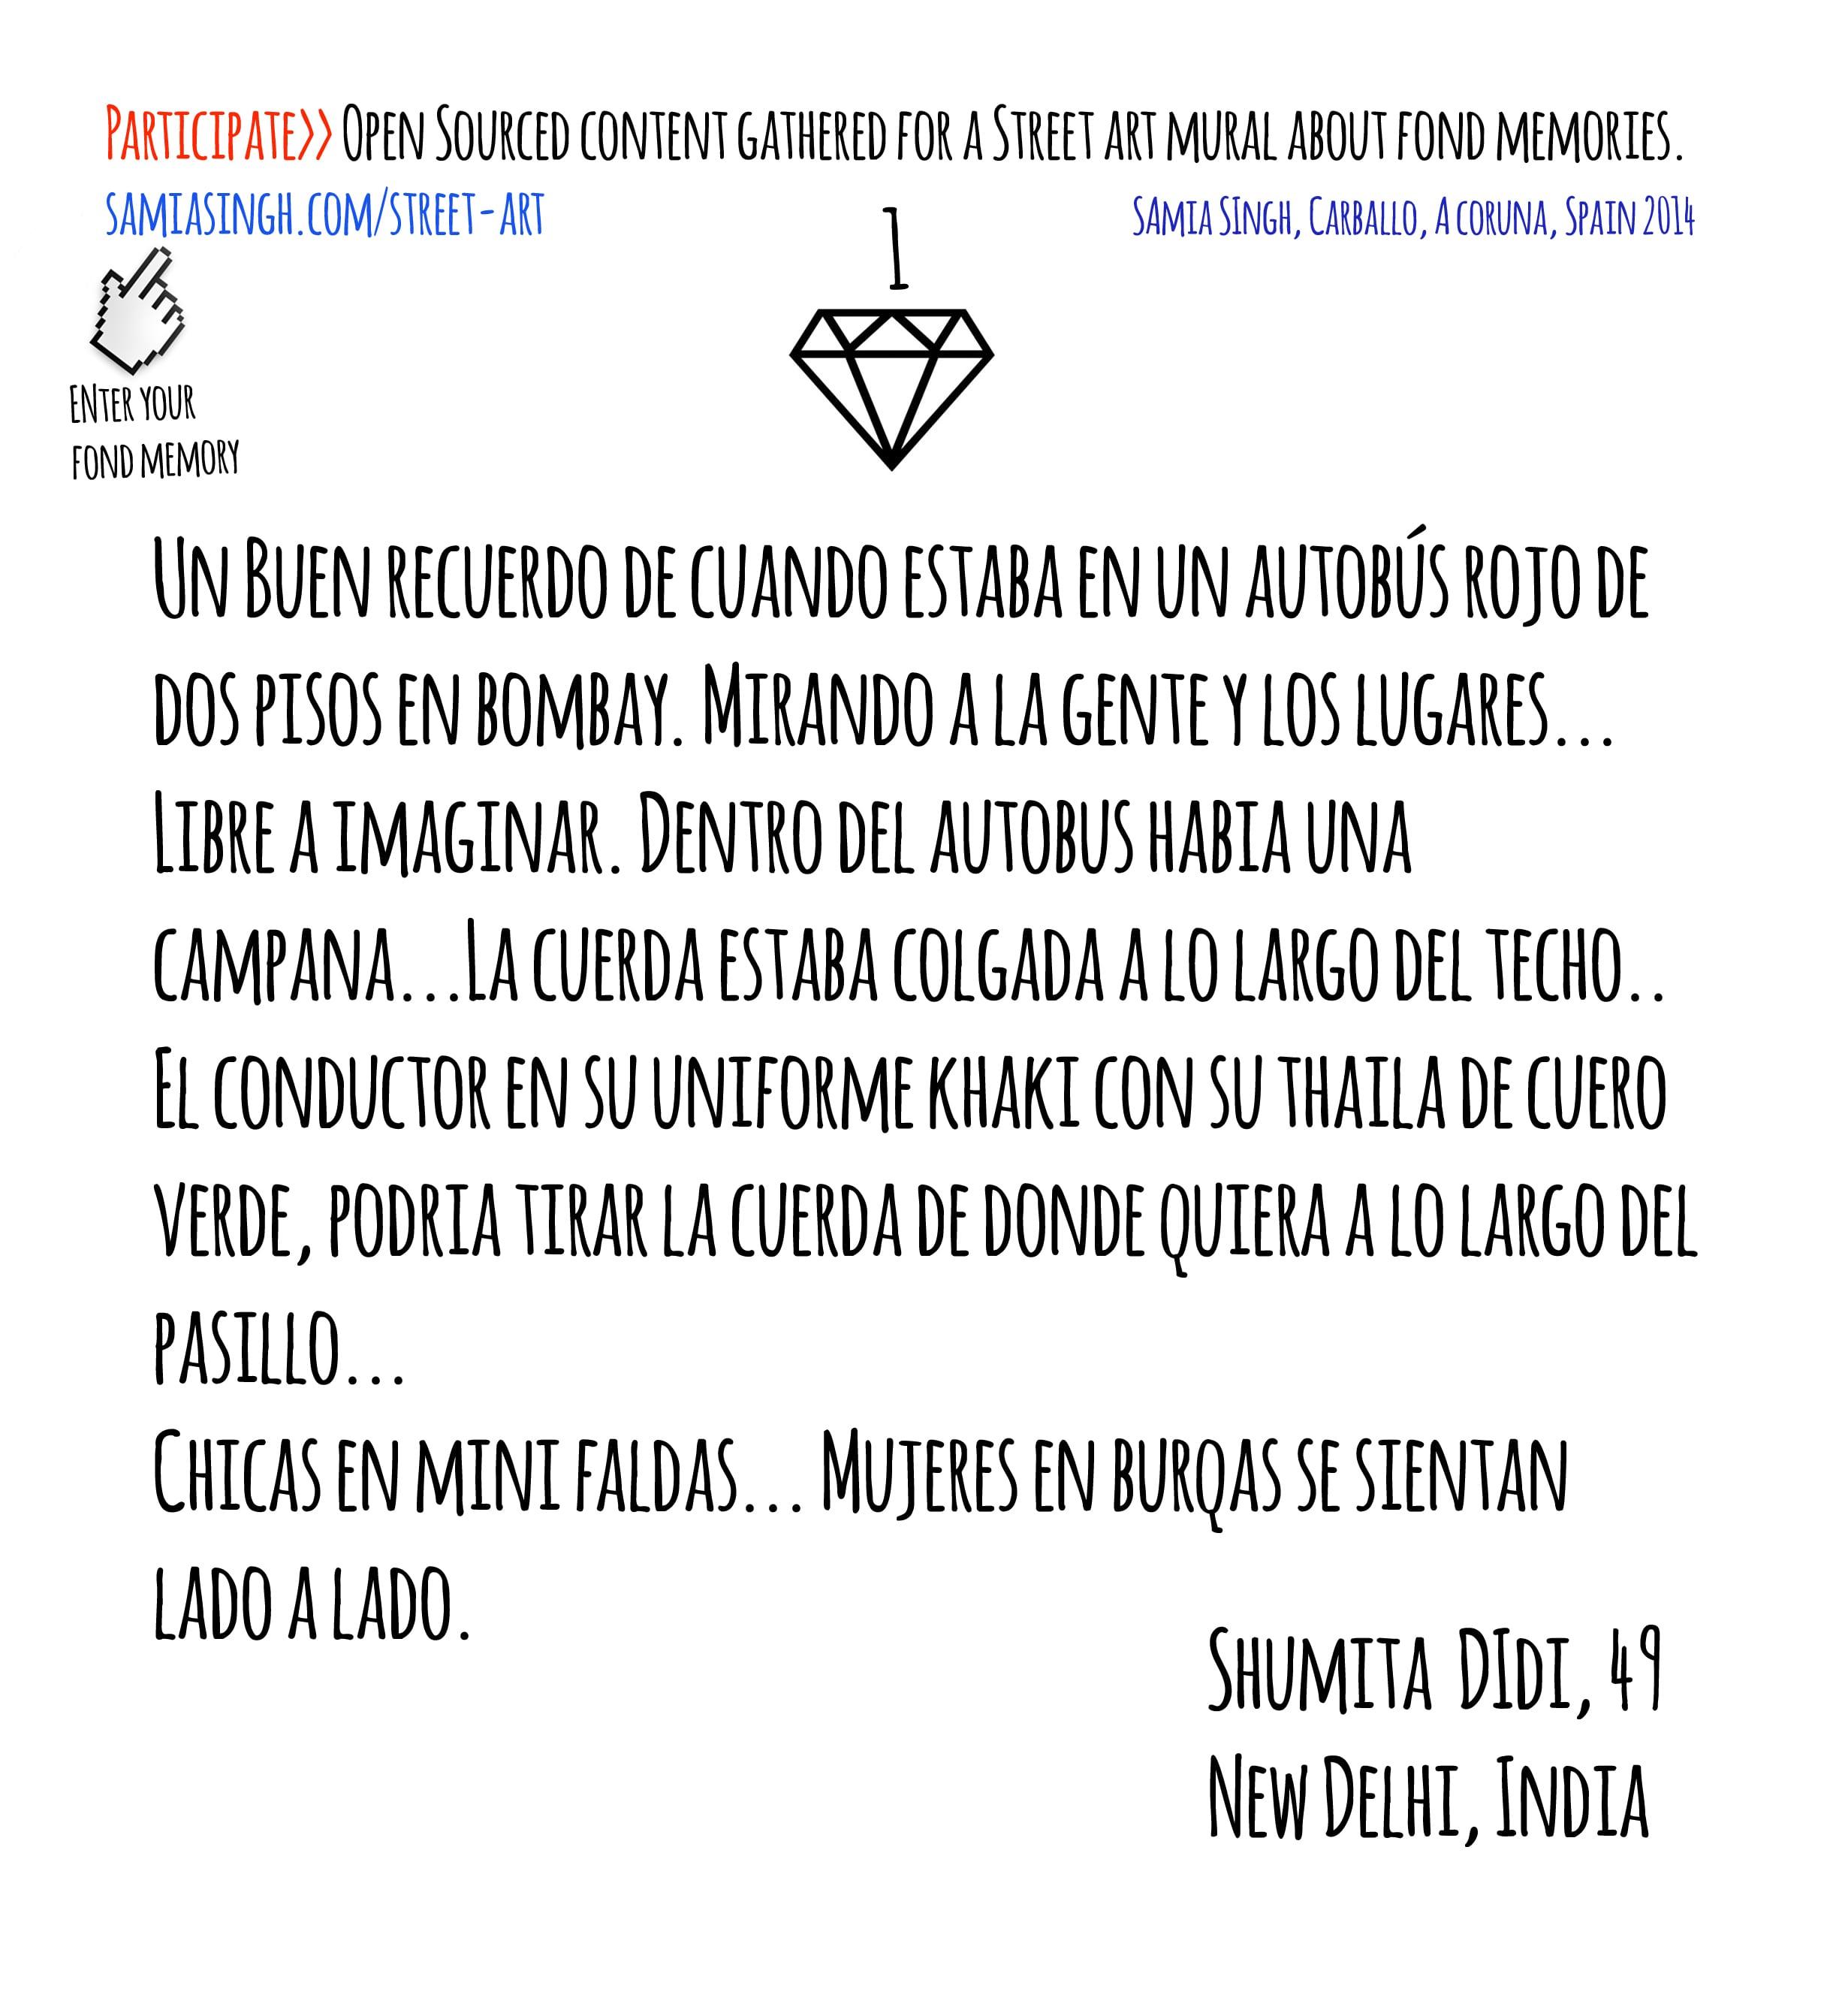 1_shumitadidi_espaniol